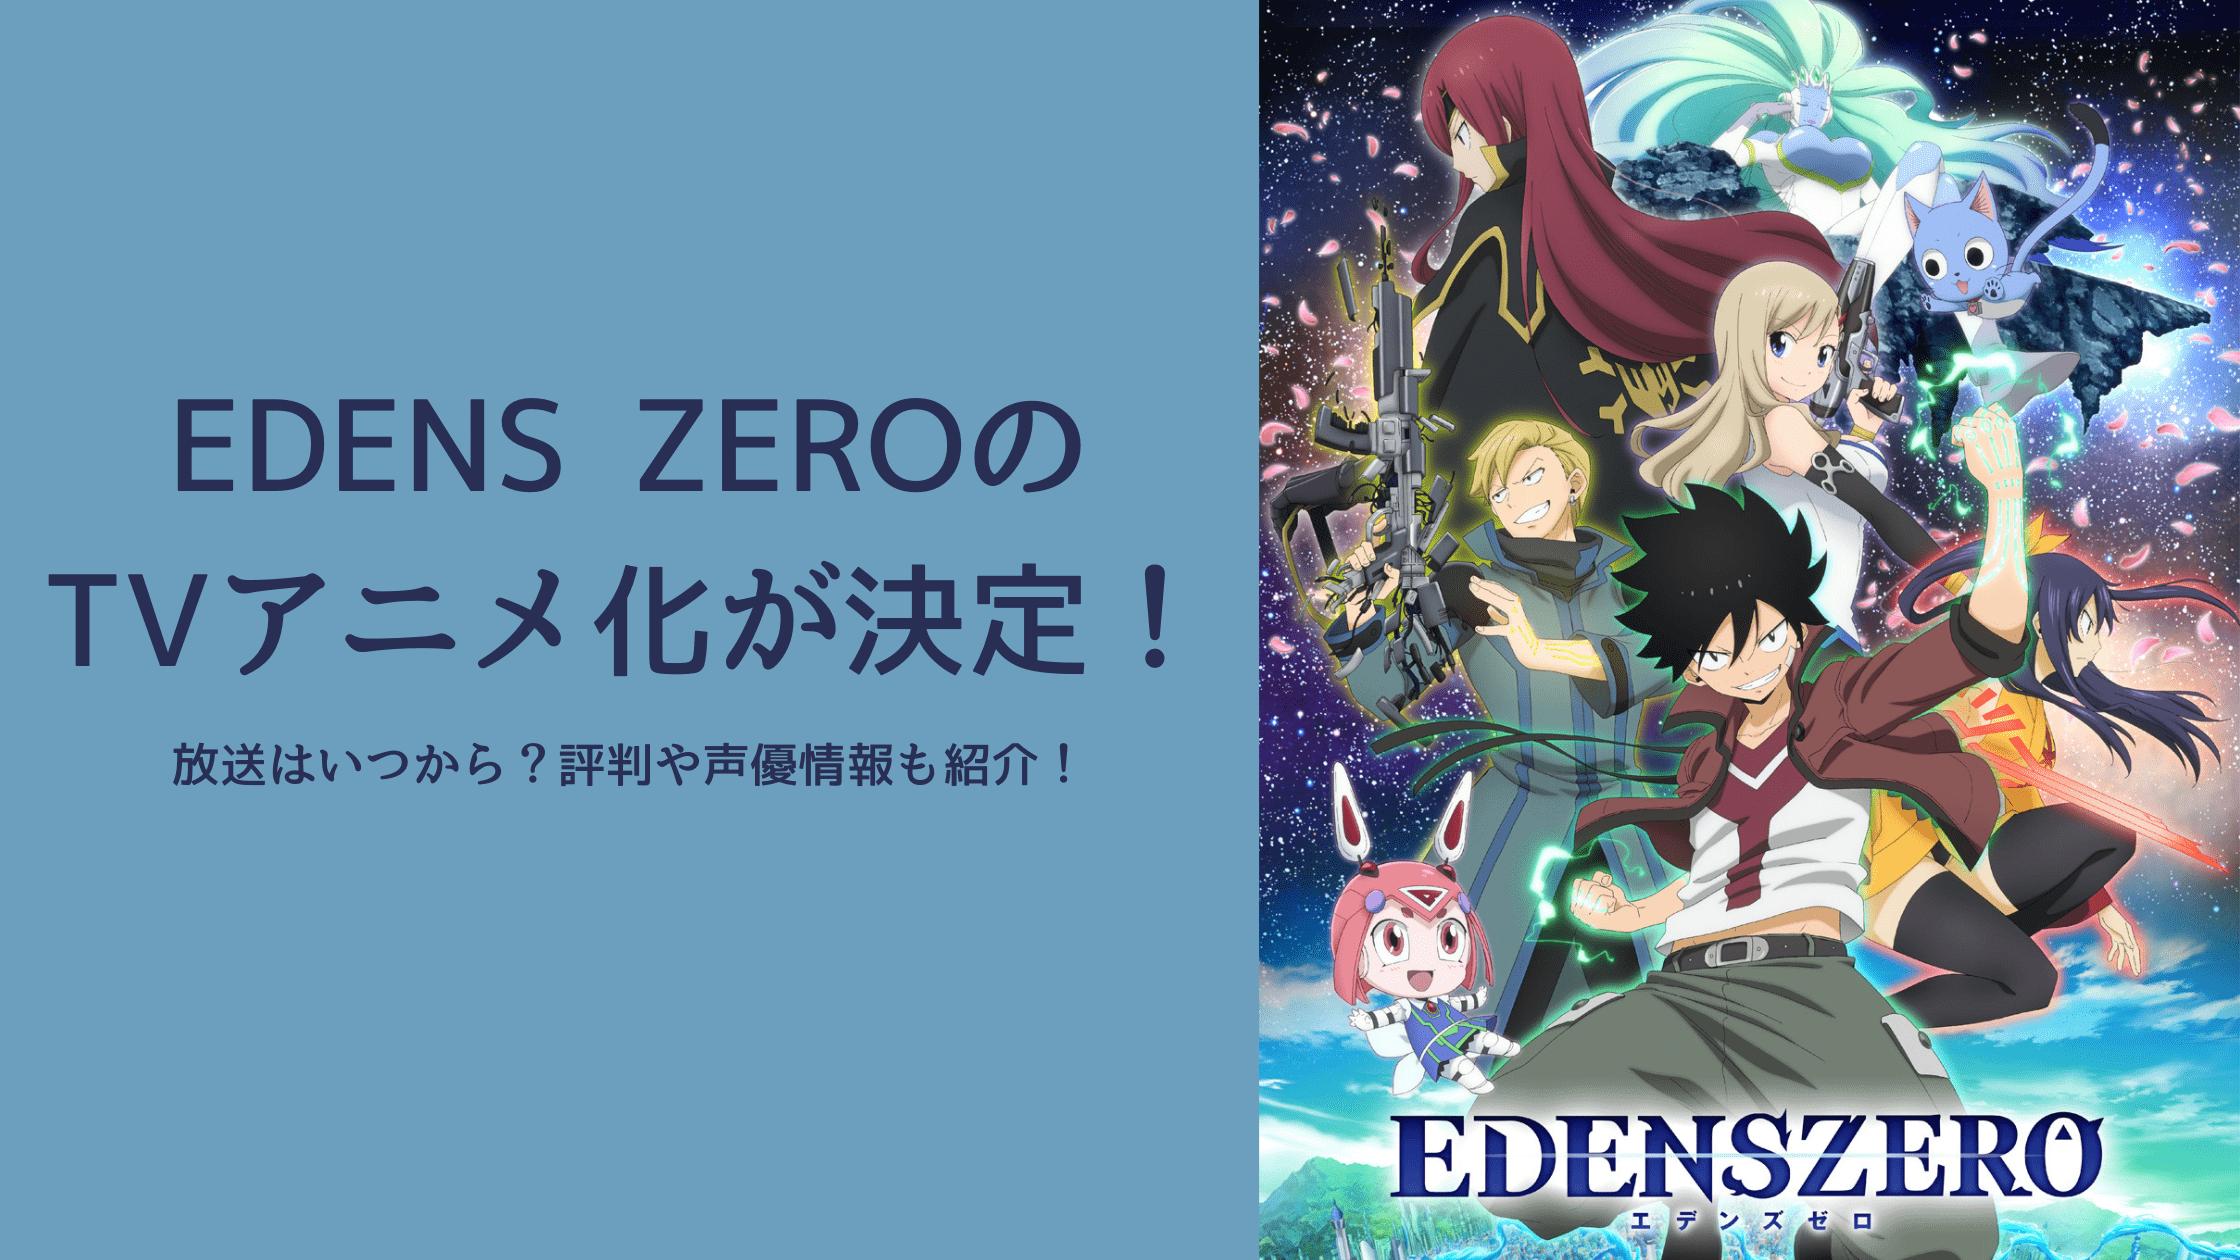 EDENS ZEROの放送はいつから?